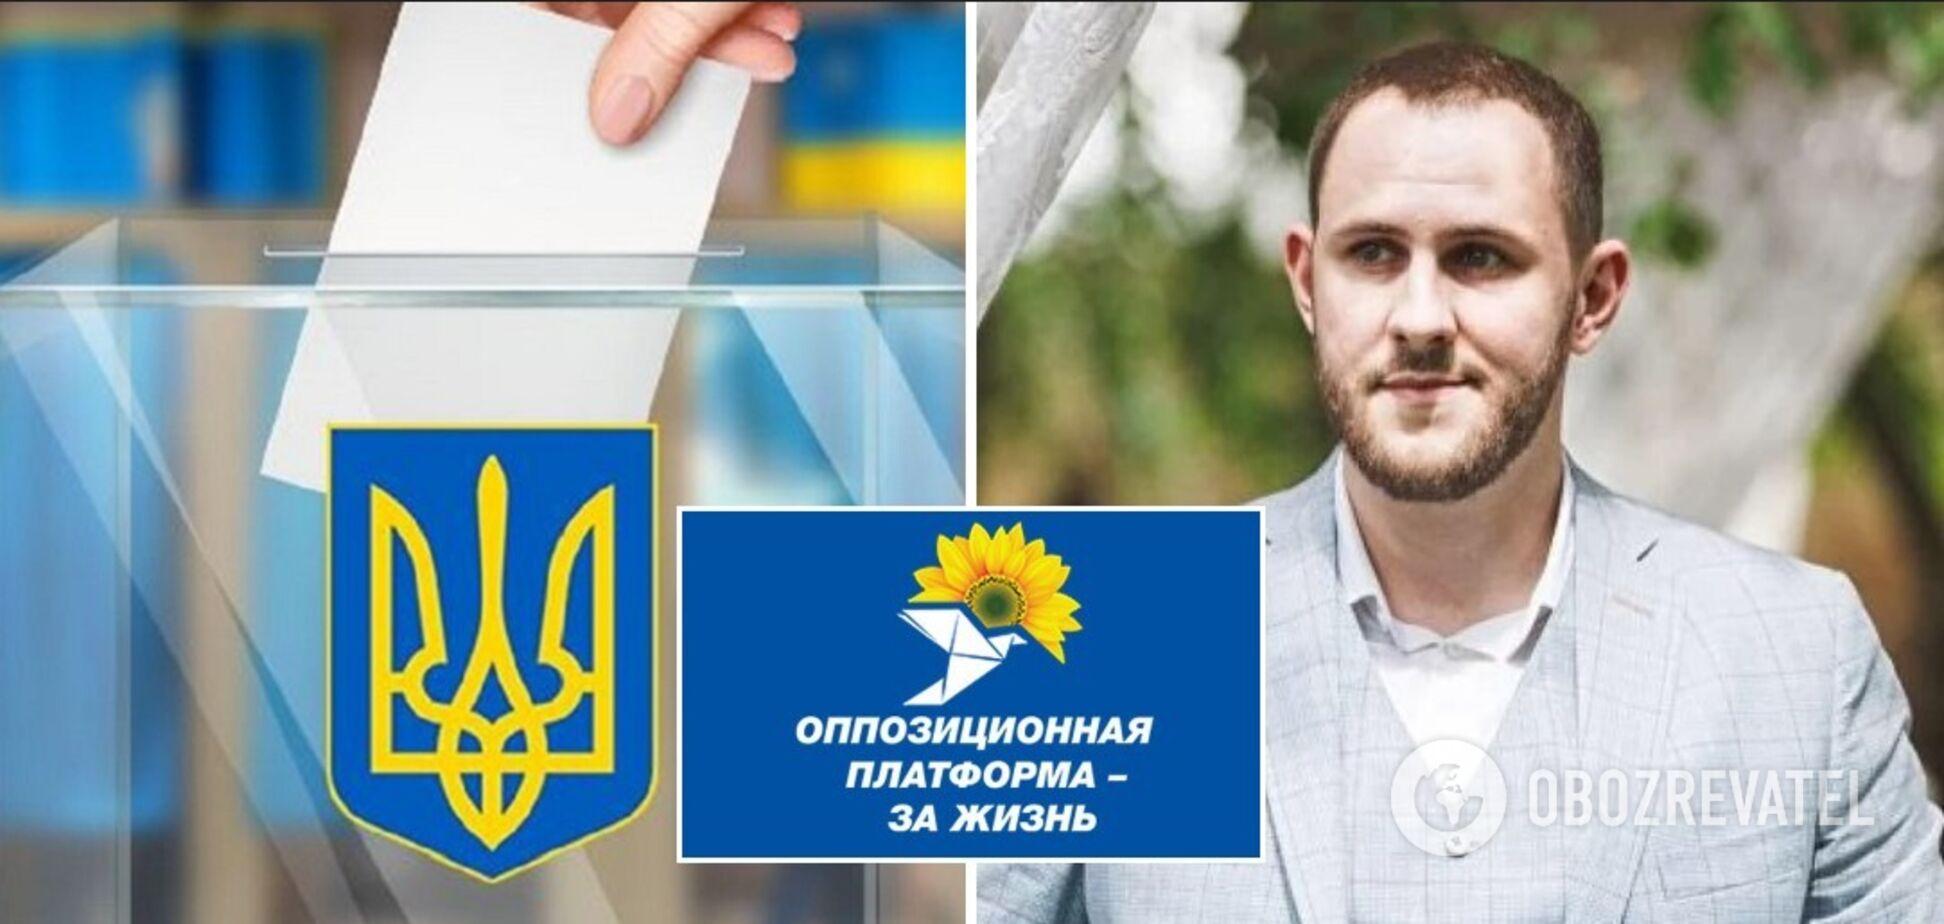 Артем Марчевский снял свою кандидатуру с довыборов в ВРУ